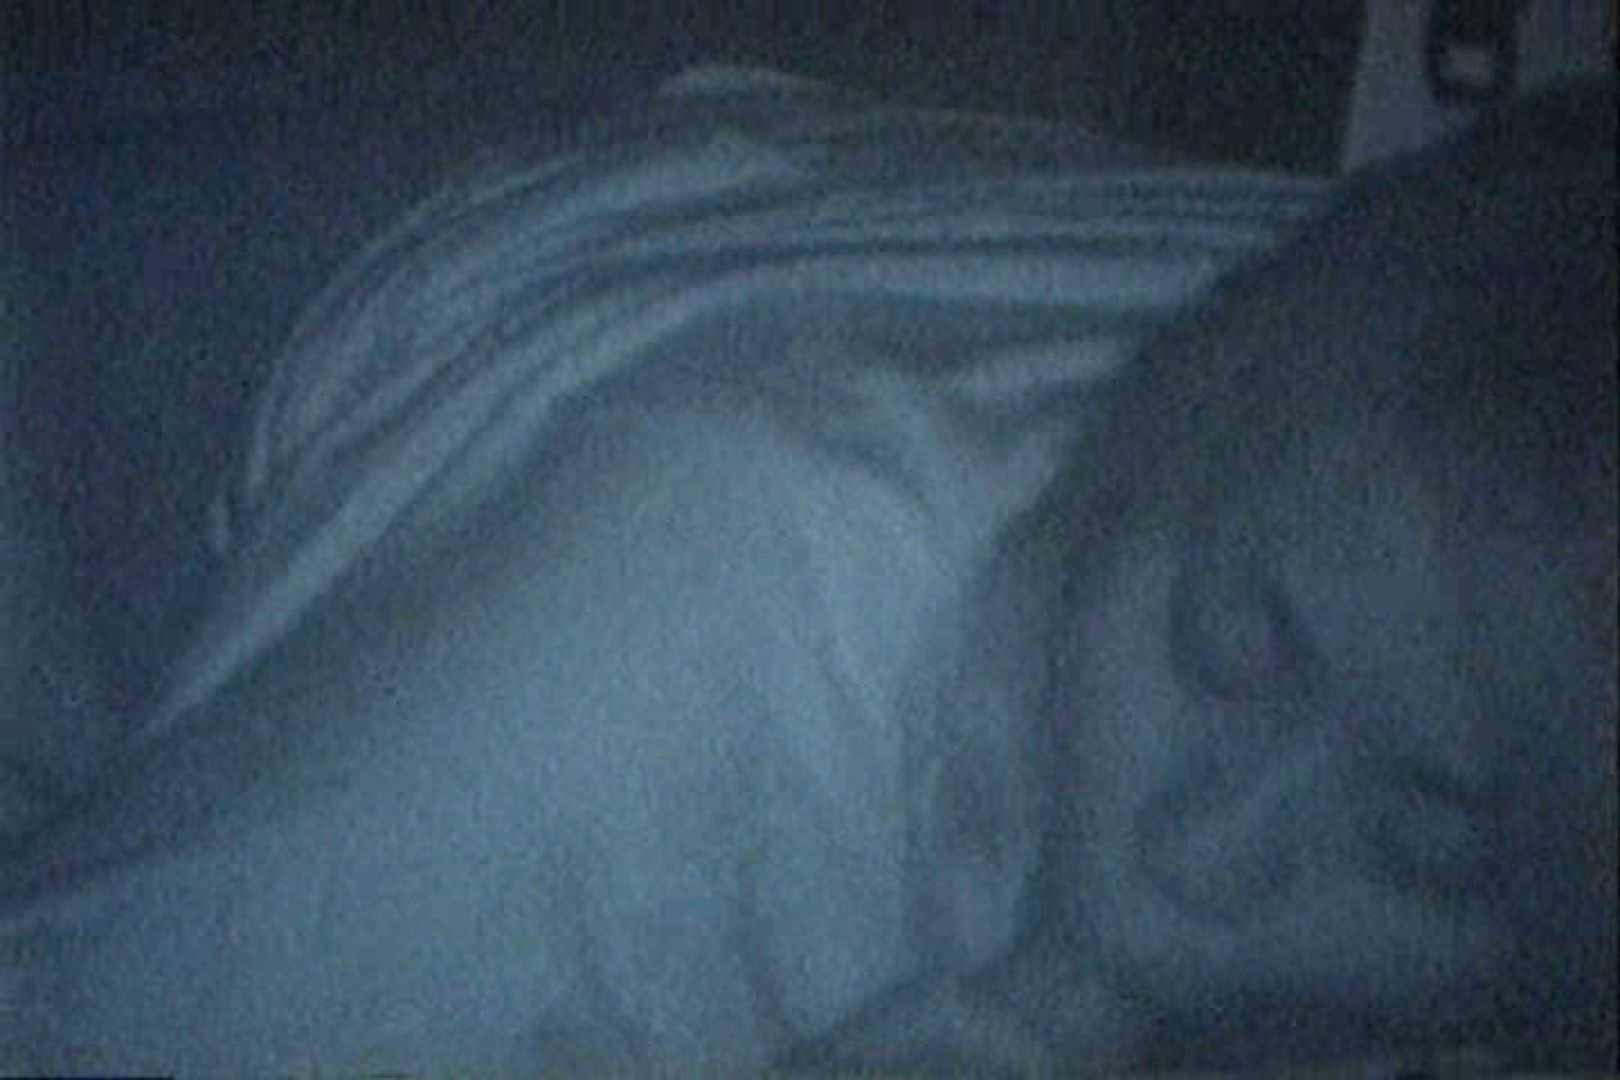 充血監督の深夜の運動会Vol.150 エロティックなOL スケベ動画紹介 85画像 2